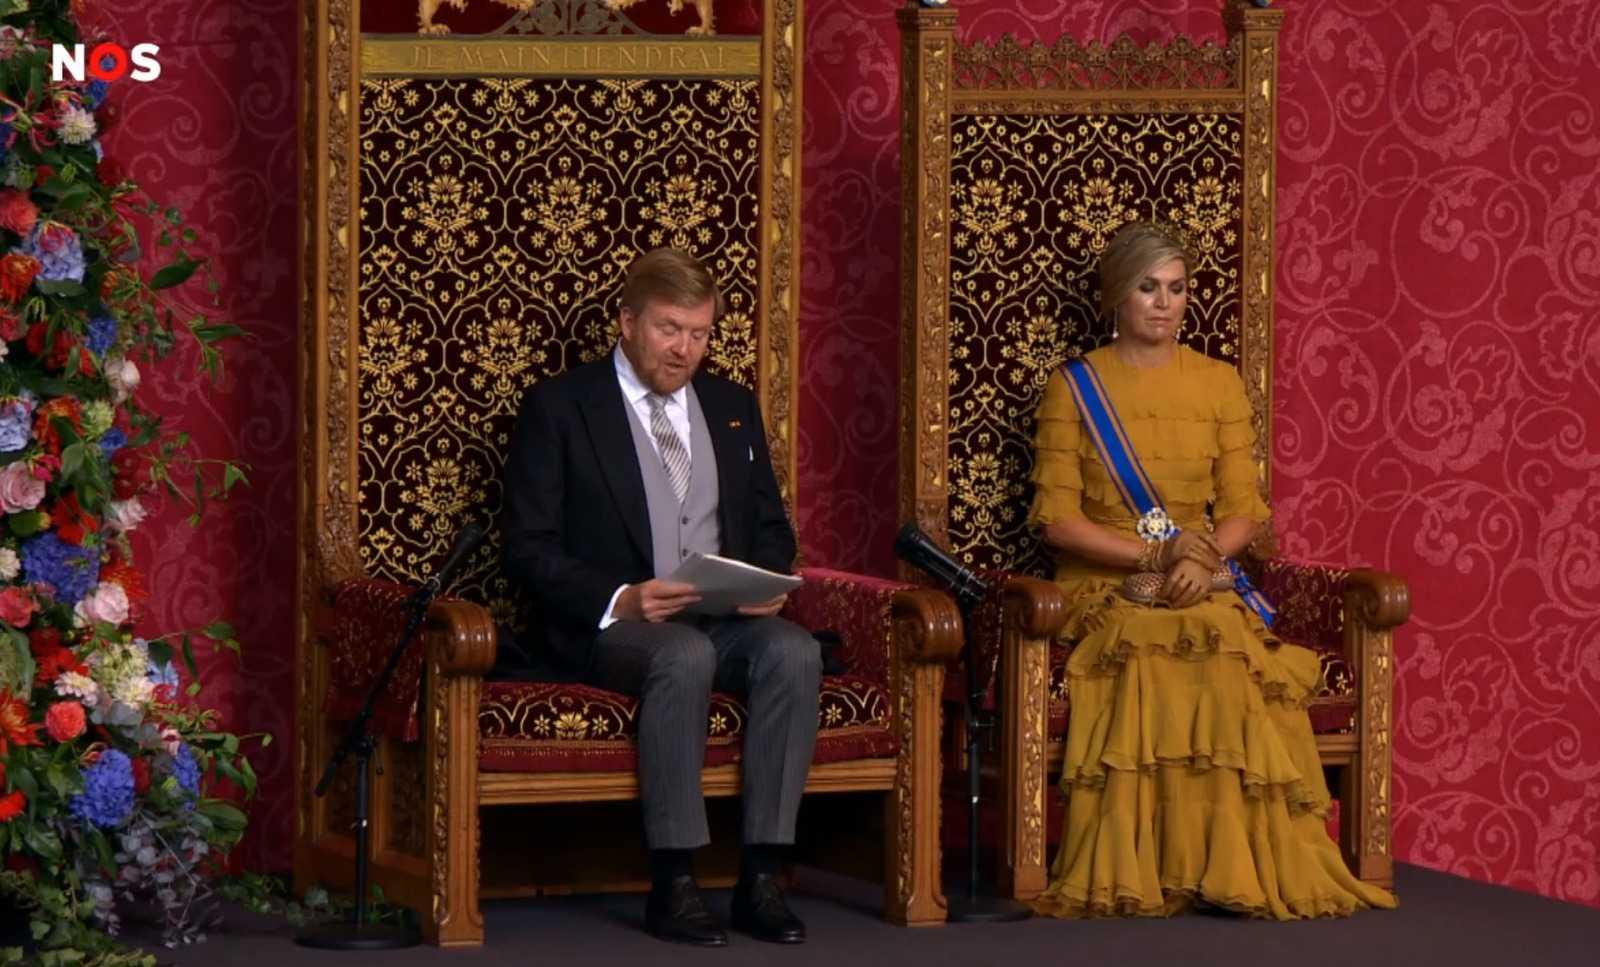 Король Нидерландов Виллем-Александр произносит тронную речь. Кадр из видео NOS.